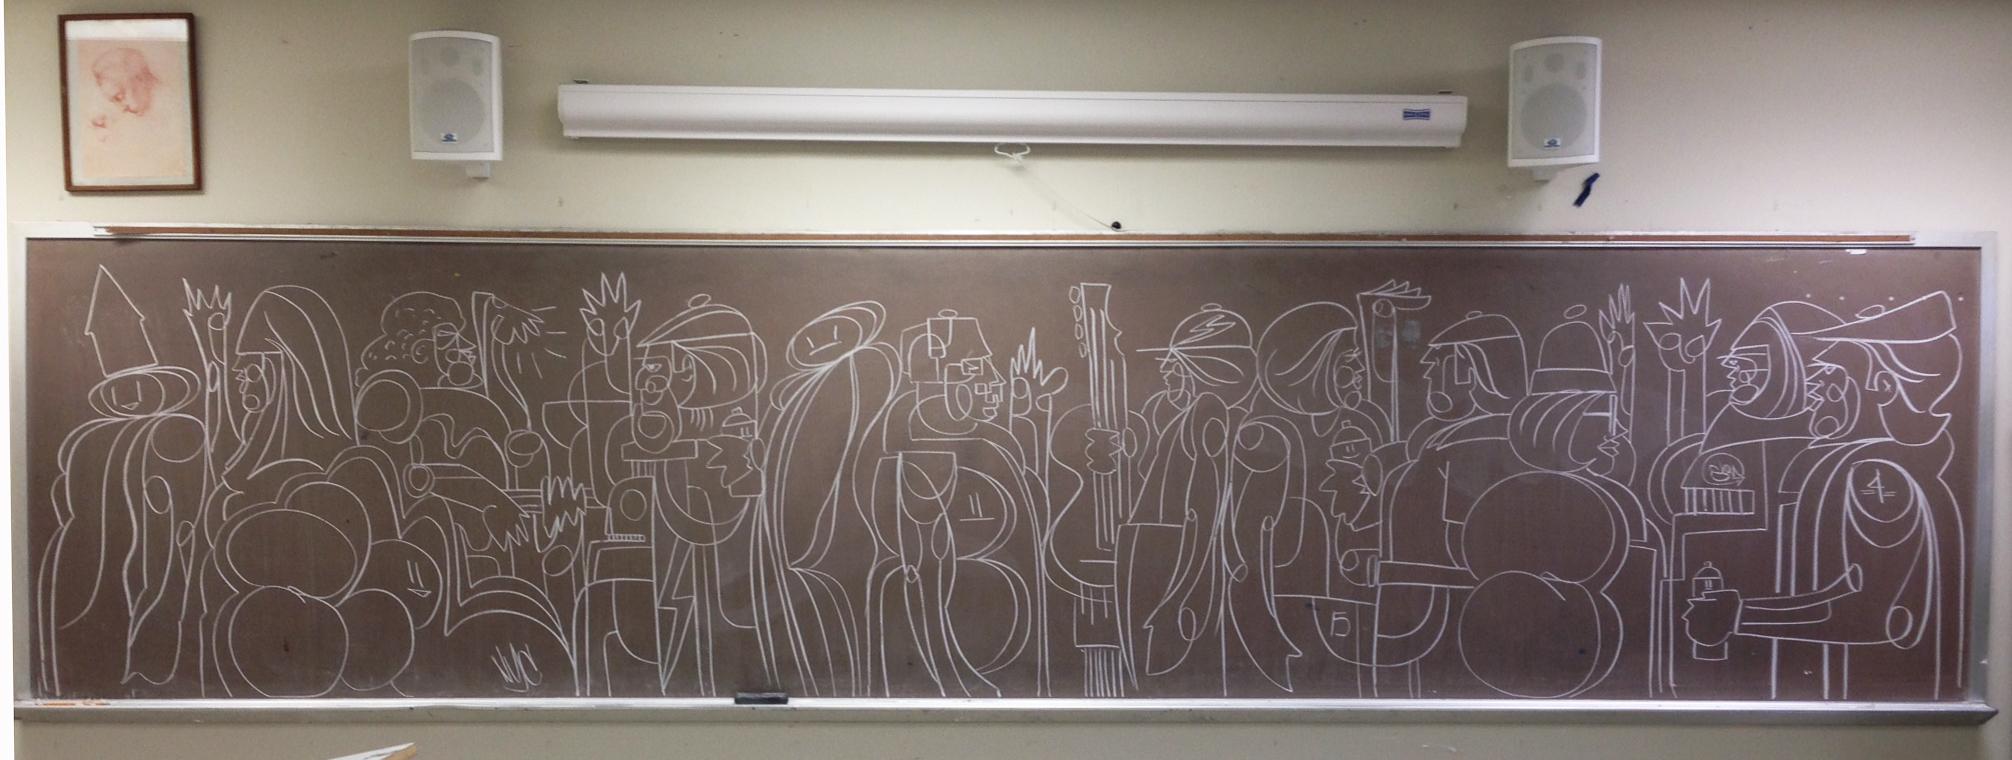 The Wednesday Hits #chalkboard #graffiti